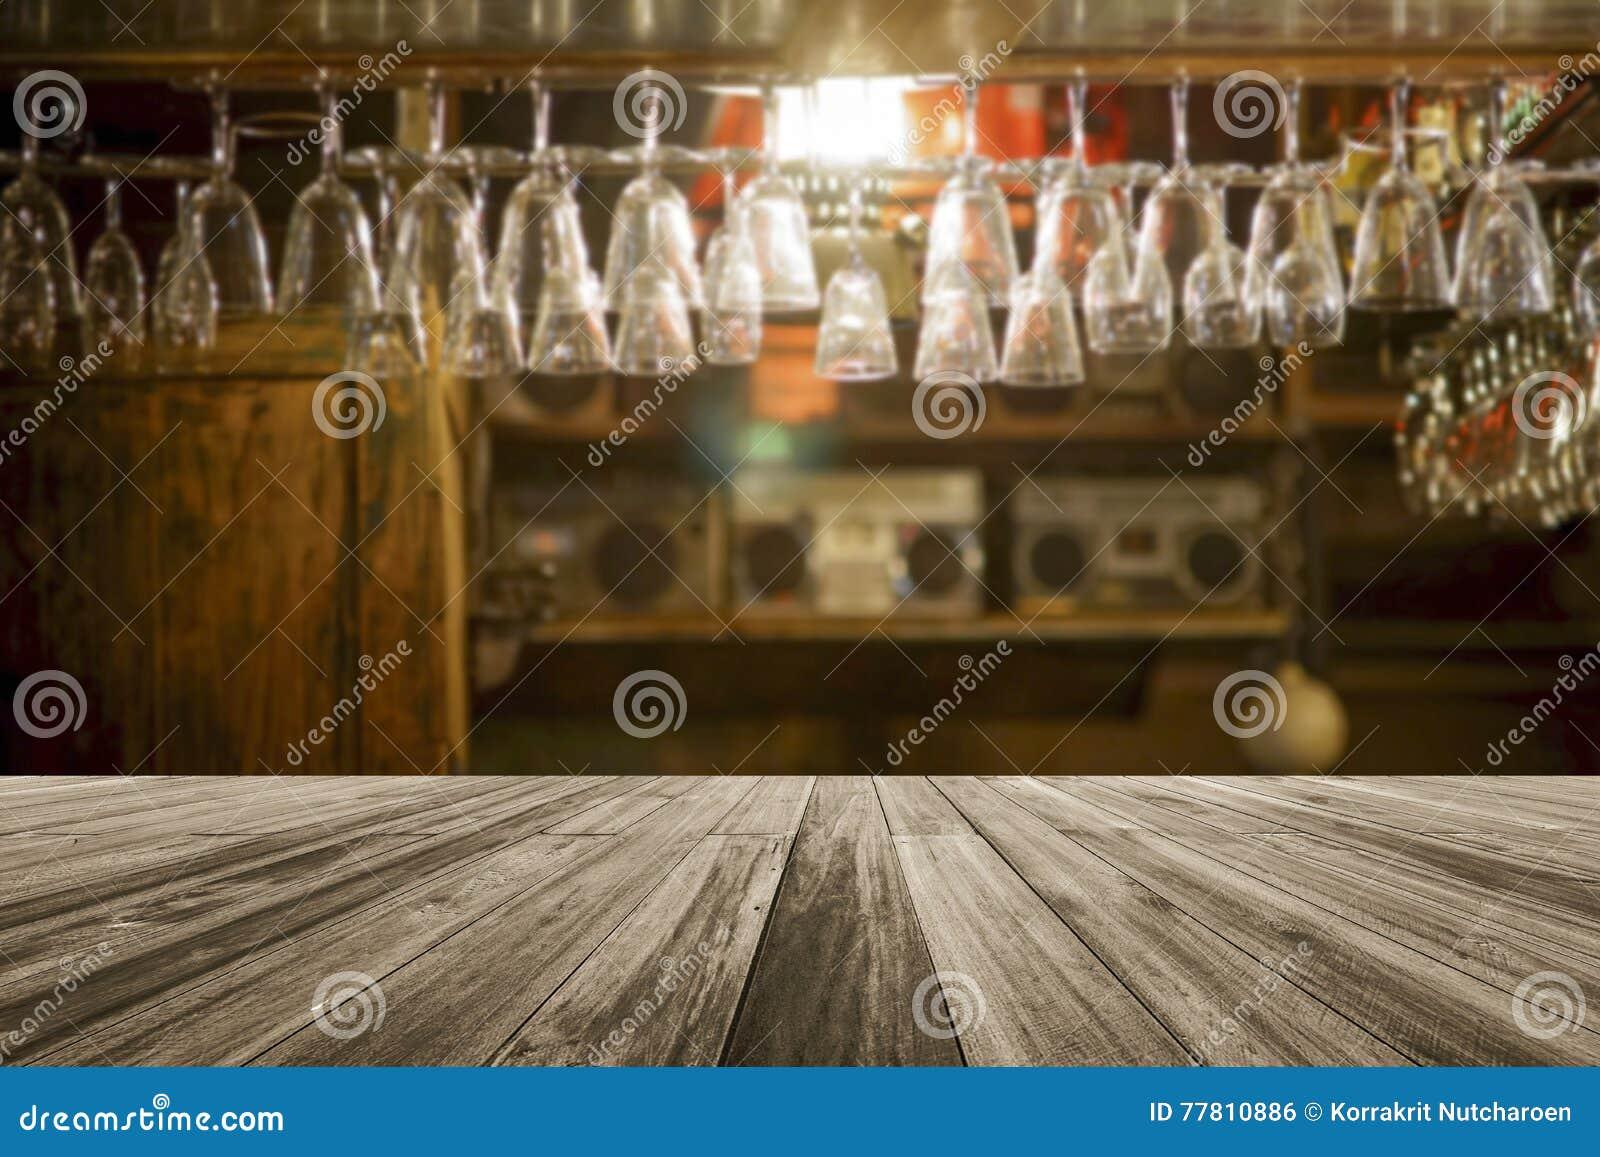 Houten raads lege lijst voor vage glas hangende bovenkant - neer op een plank bij barachtergrond